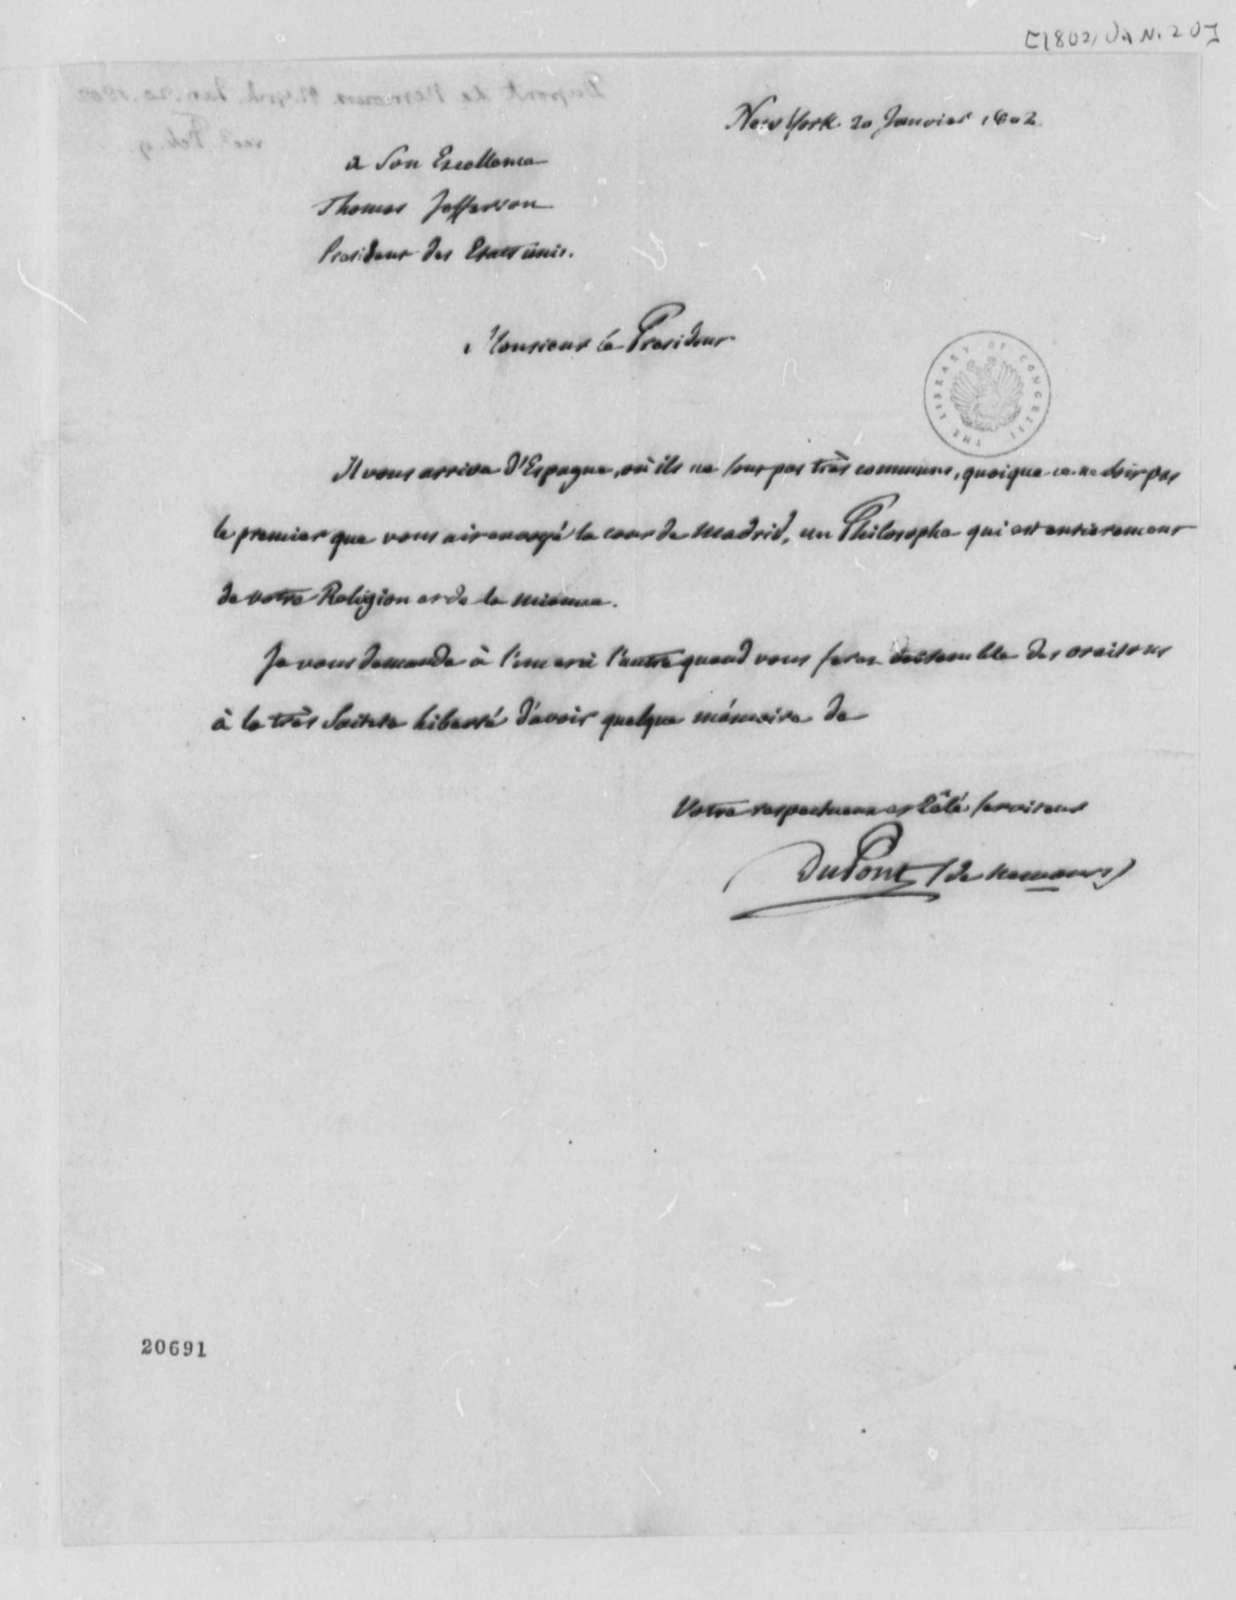 Pierre S. Dupont de Nemours to Thomas Jefferson, January 20, 1802